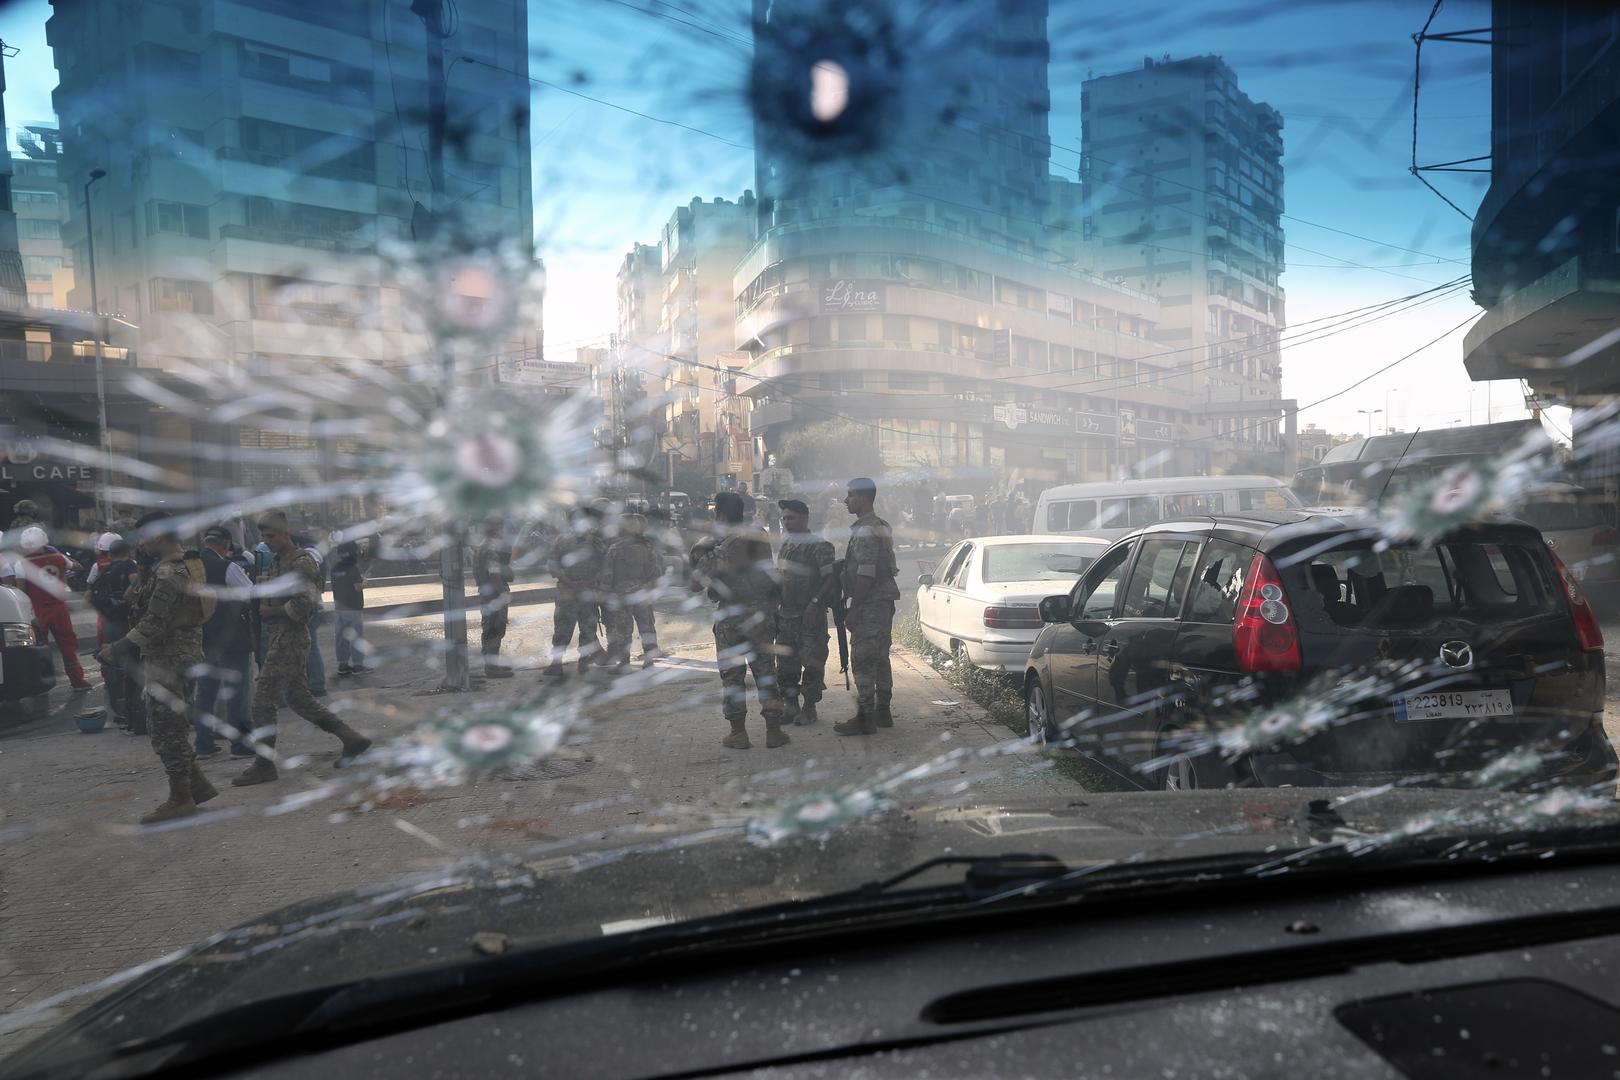 موسكو: ندعو جميع الساسة في لبنان إلى ضبط النفس ونأمل بأن تتمكن الحكومة من احتواء التصعيد الحالي